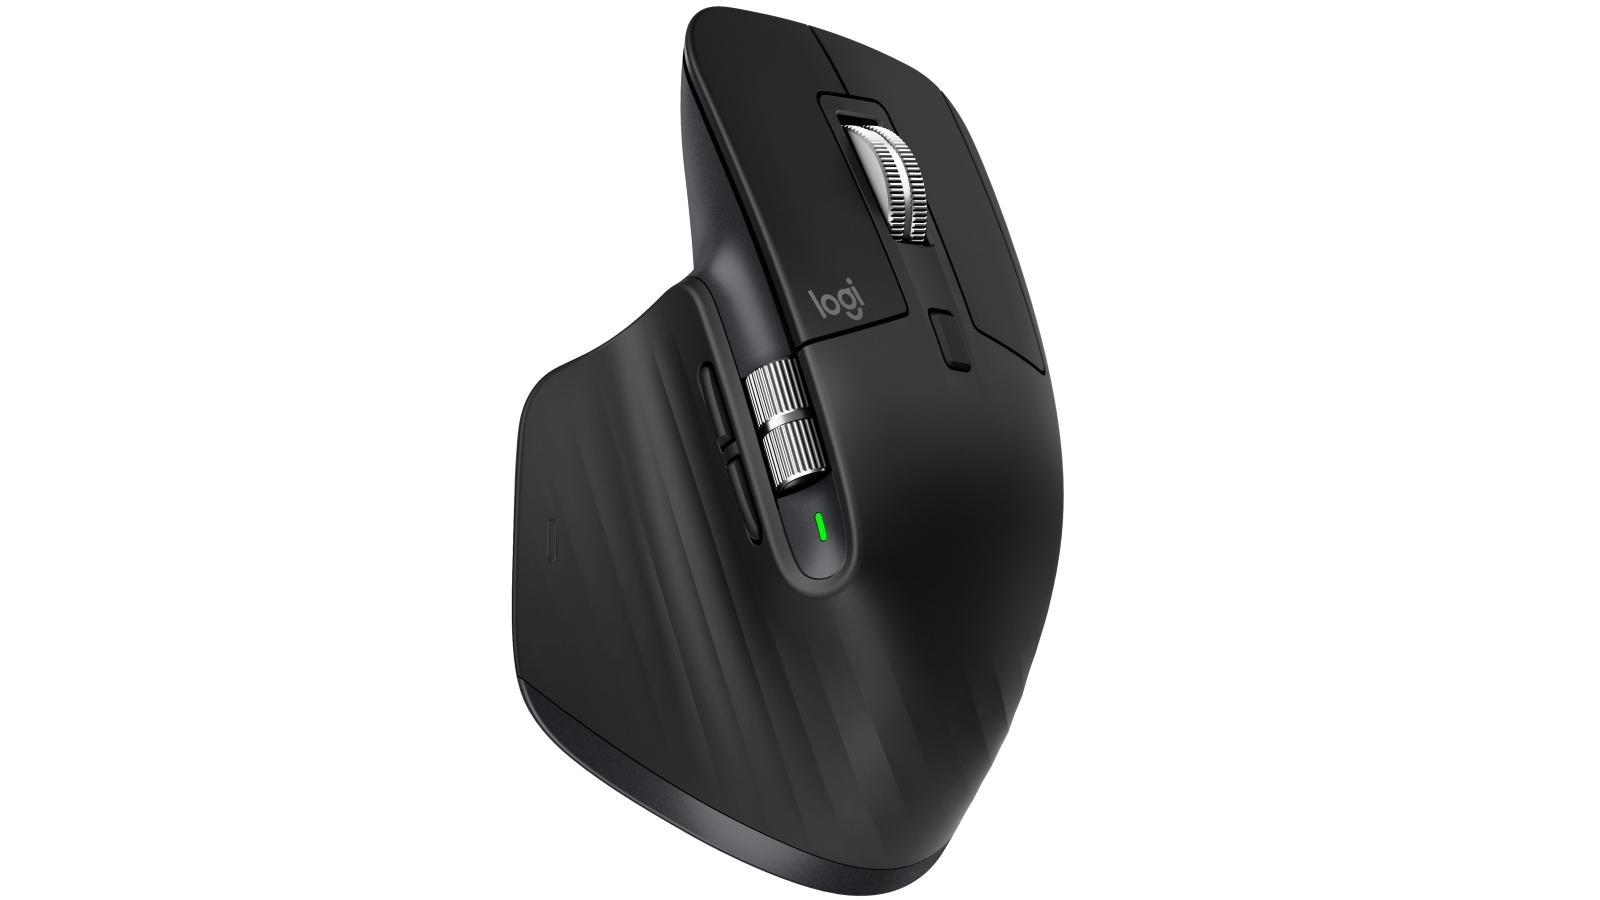 Ασύρματο Ποντίκι Logitech MX Master 3 910-005694 Graphite image